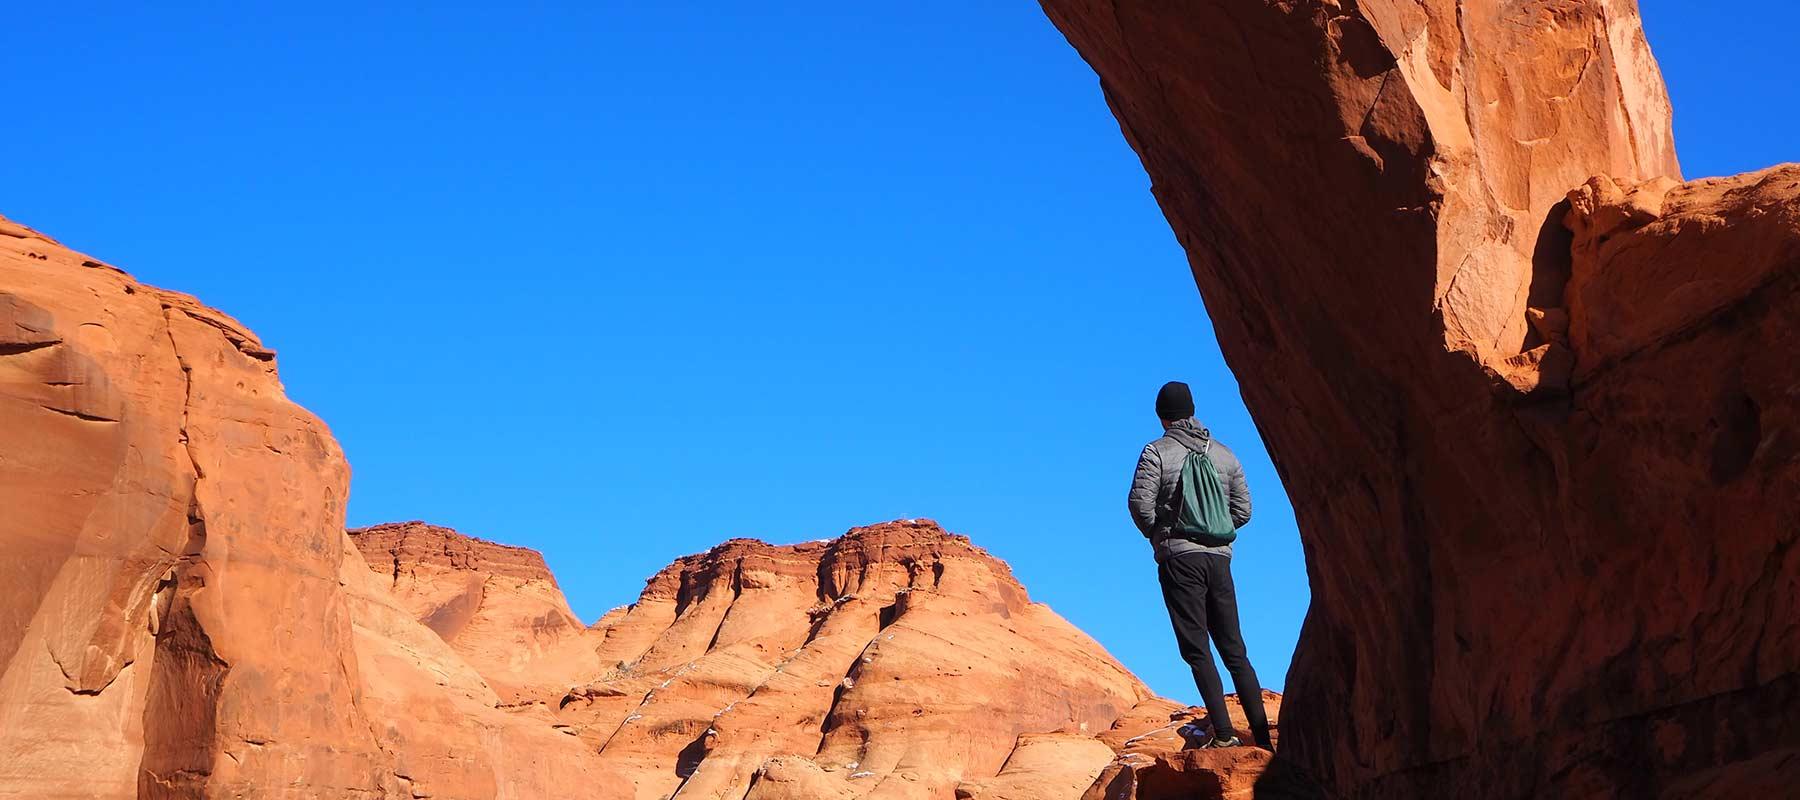 Man standing on red rocks in Utah